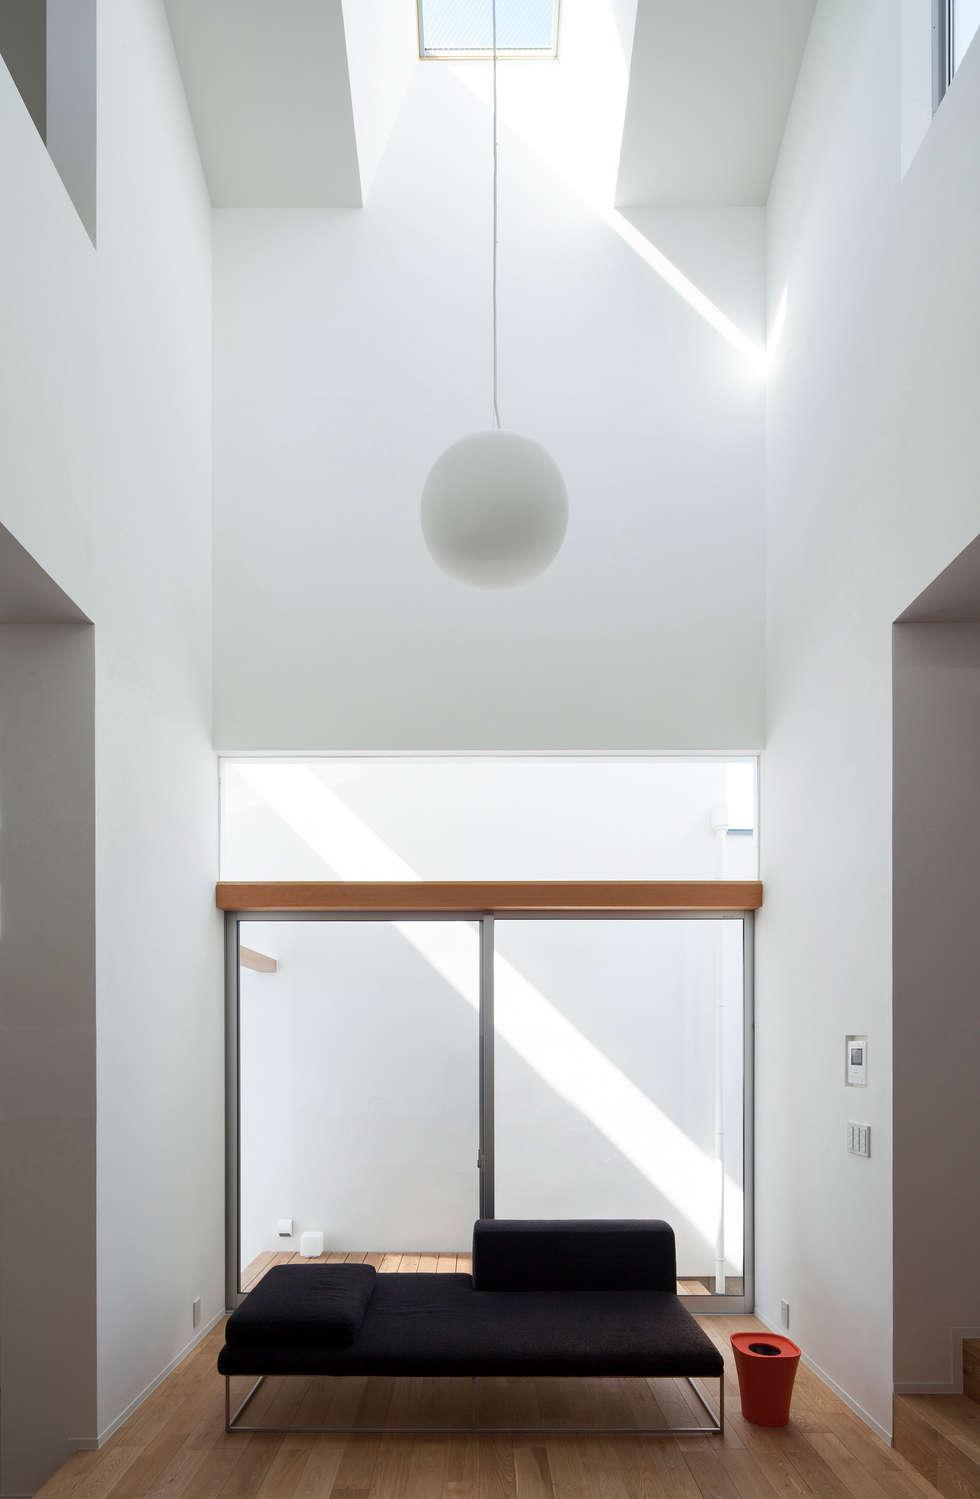 西古券の家/house of nisikoken: haco建築設計事務所が手掛けた家です。